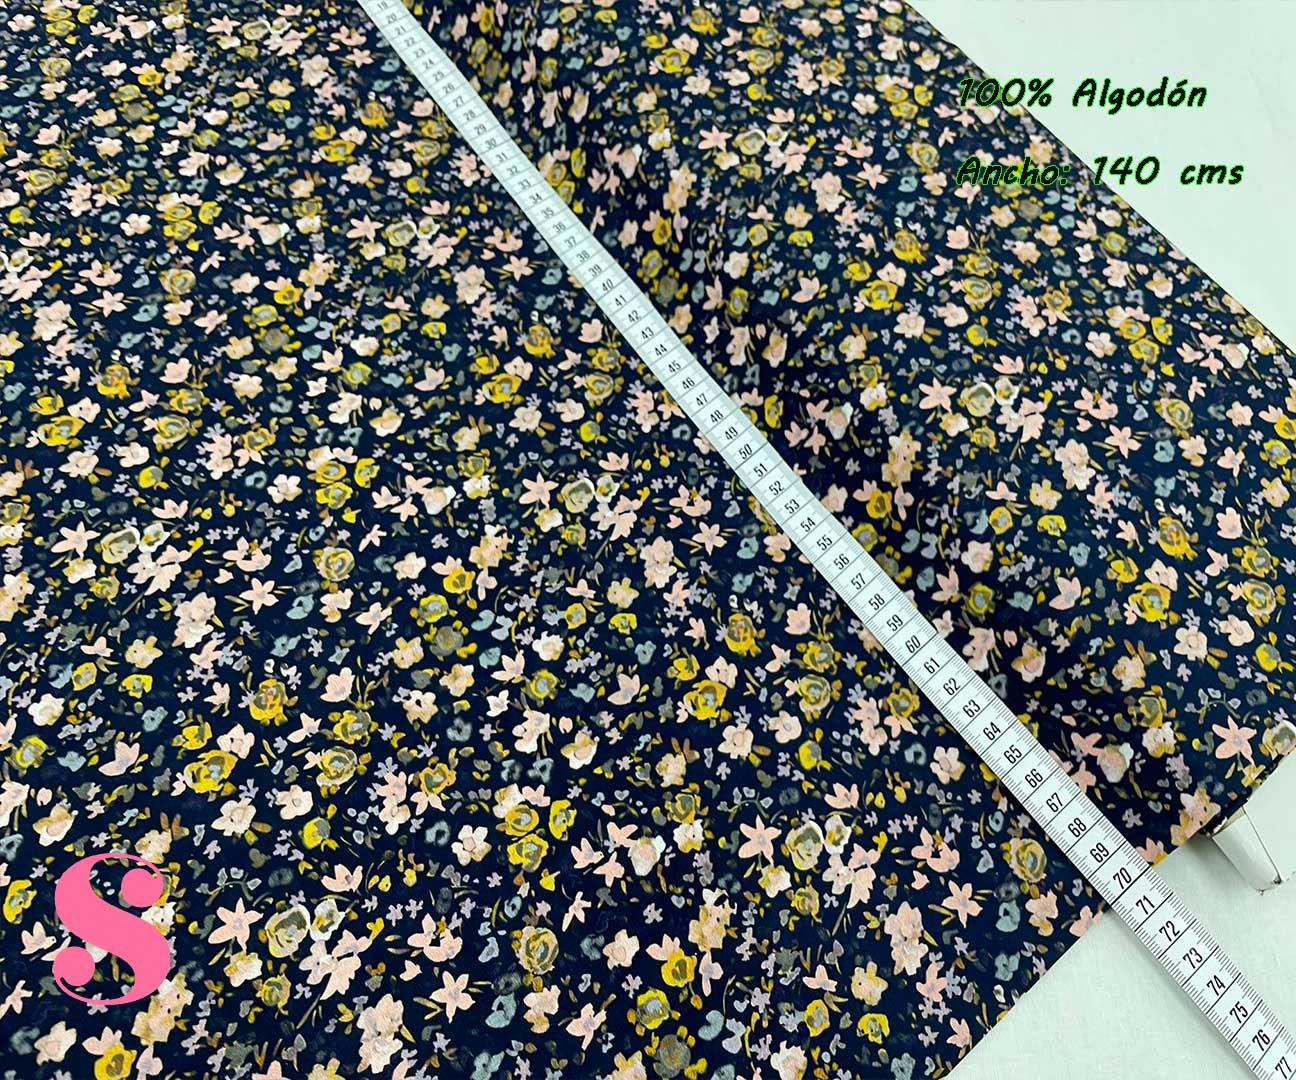 6-popelin-estampado-flores,telas-flores,telas-de-algodón-estampadas,telas-infantiles,Popelín Estampado Florecitas Otoño fondo Marino